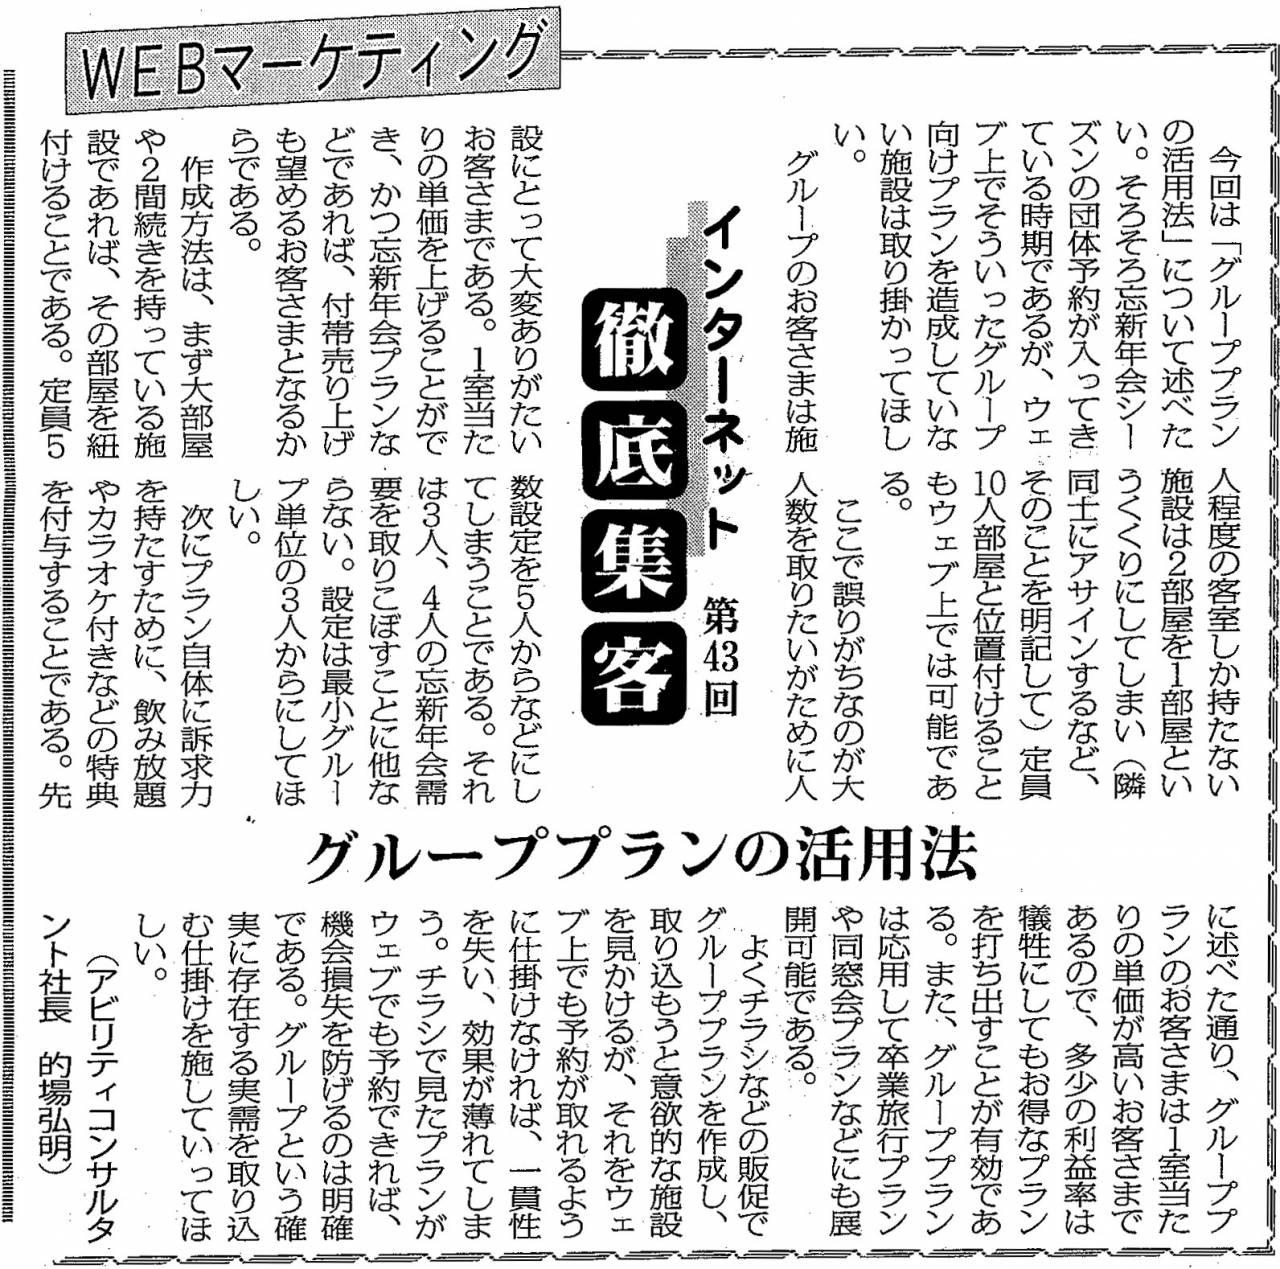 【第43回】WEBマーケティング グループプランの活用法